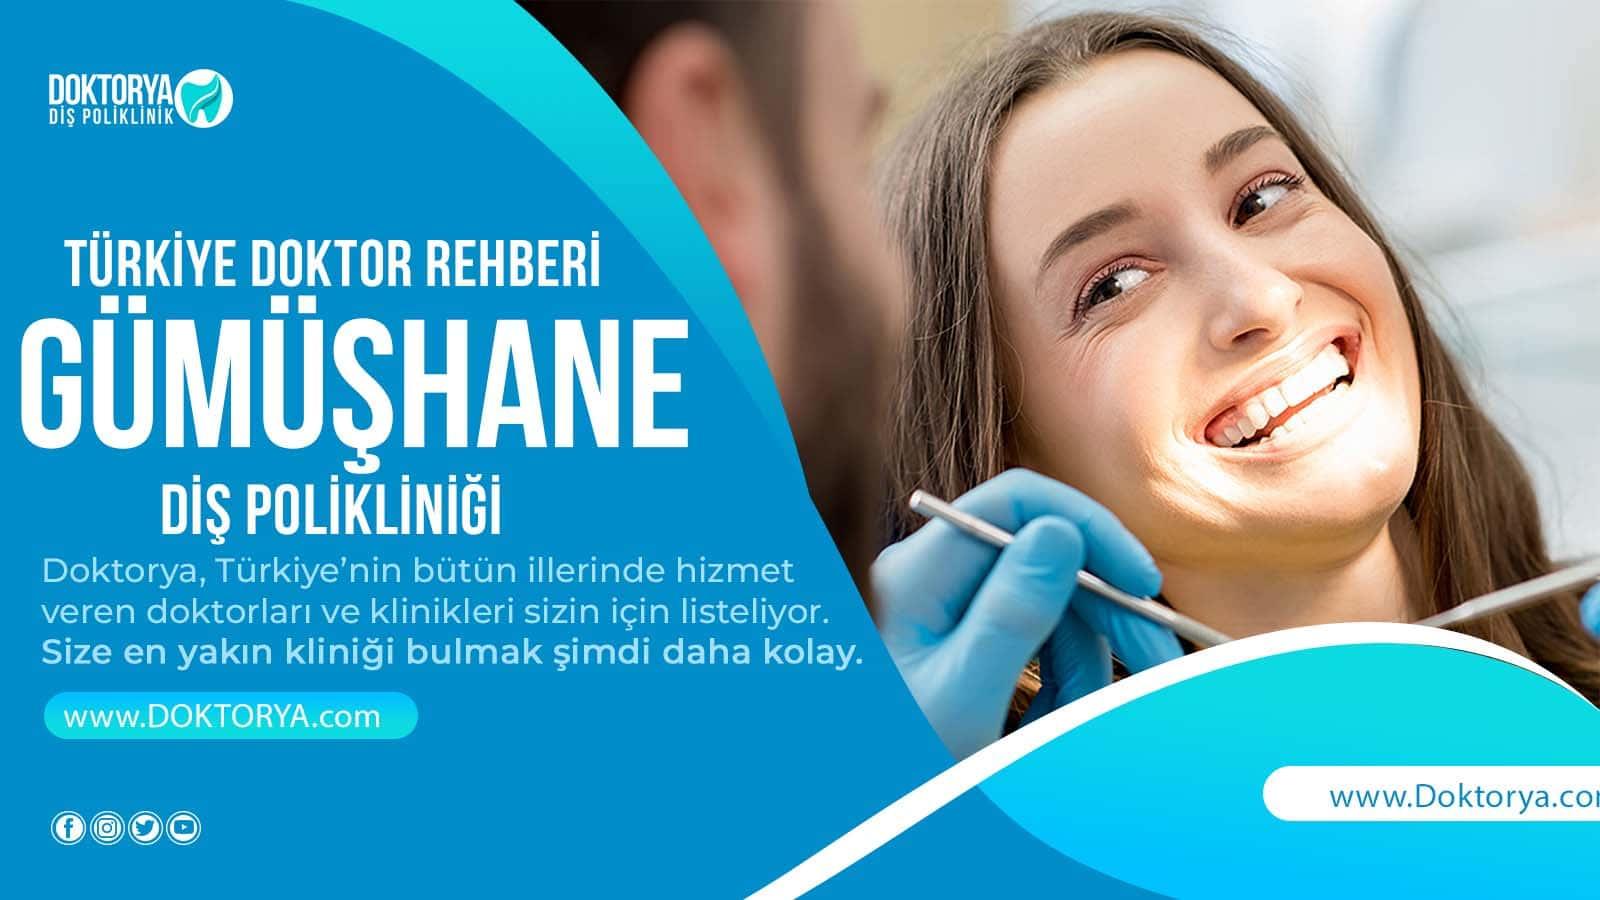 Gümüşhane Diş Poliklinik